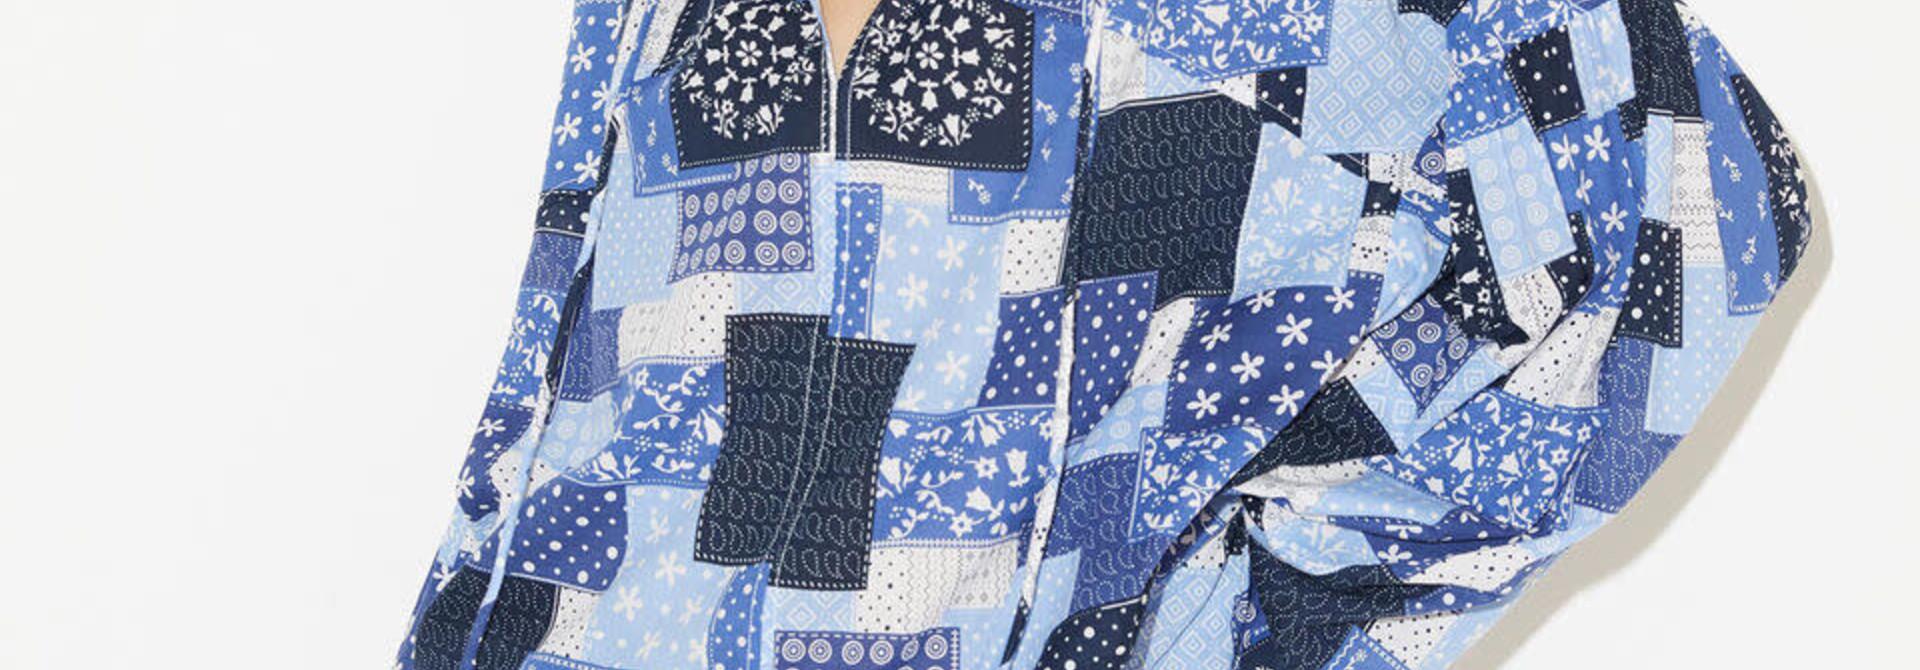 Kyra blouse by malene birger